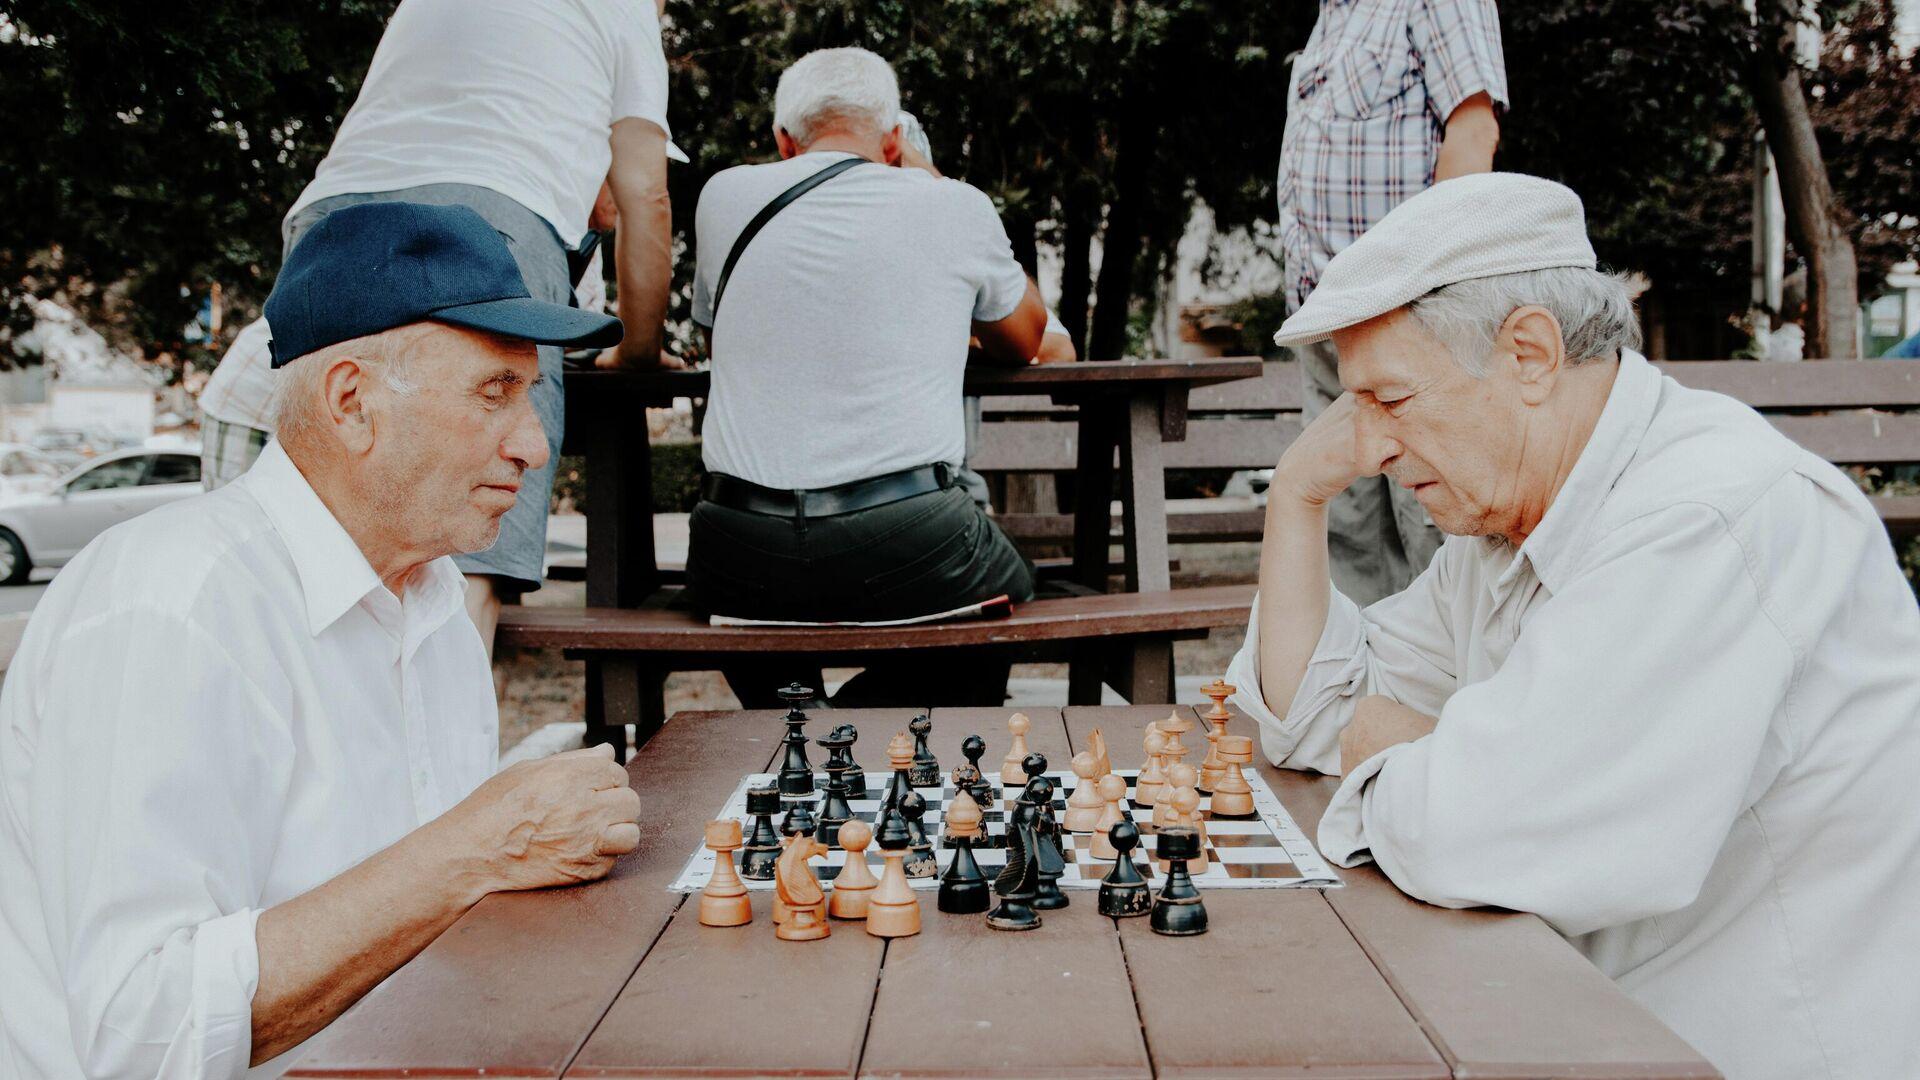 Dos personas jugando al ajedrez - Sputnik Mundo, 1920, 07.09.2021